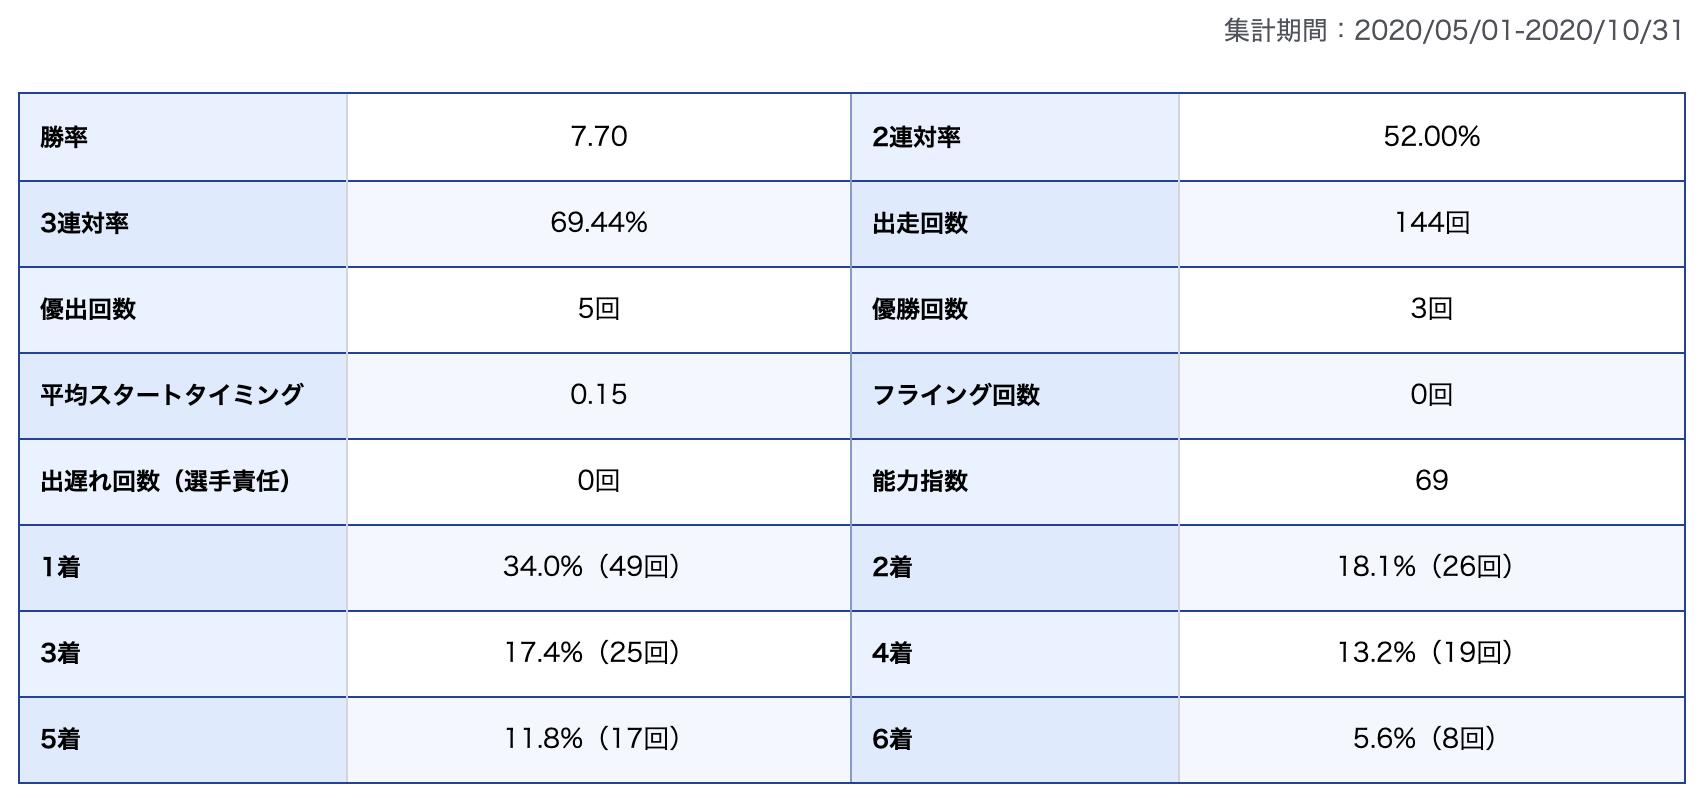 馬場選手期別成績